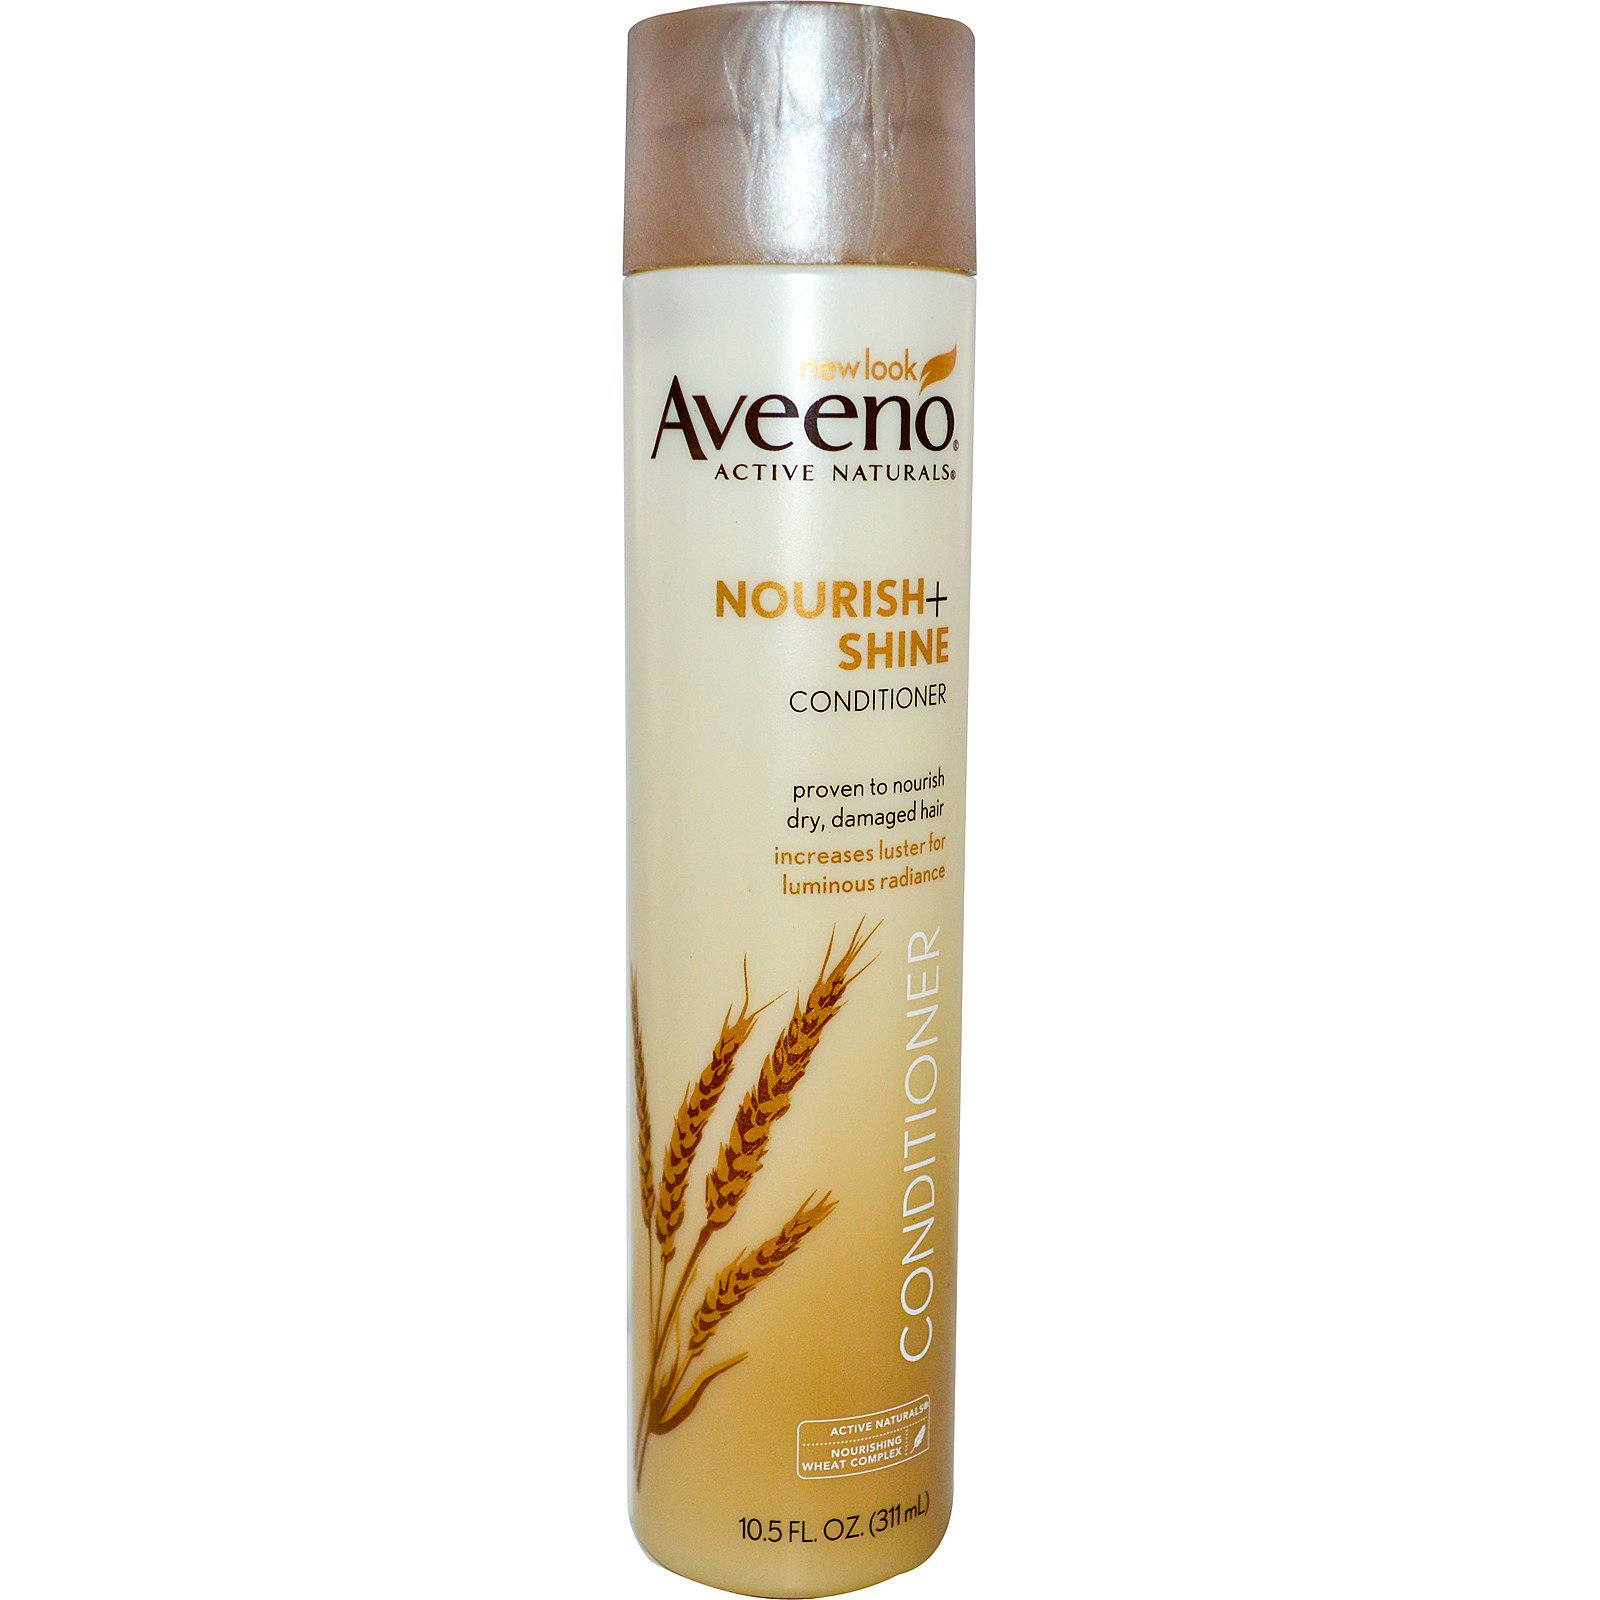 Aveeno, Active Naturals, Питательный кондиционер, придающий сияние 10.5 жидких унции (311 мл)